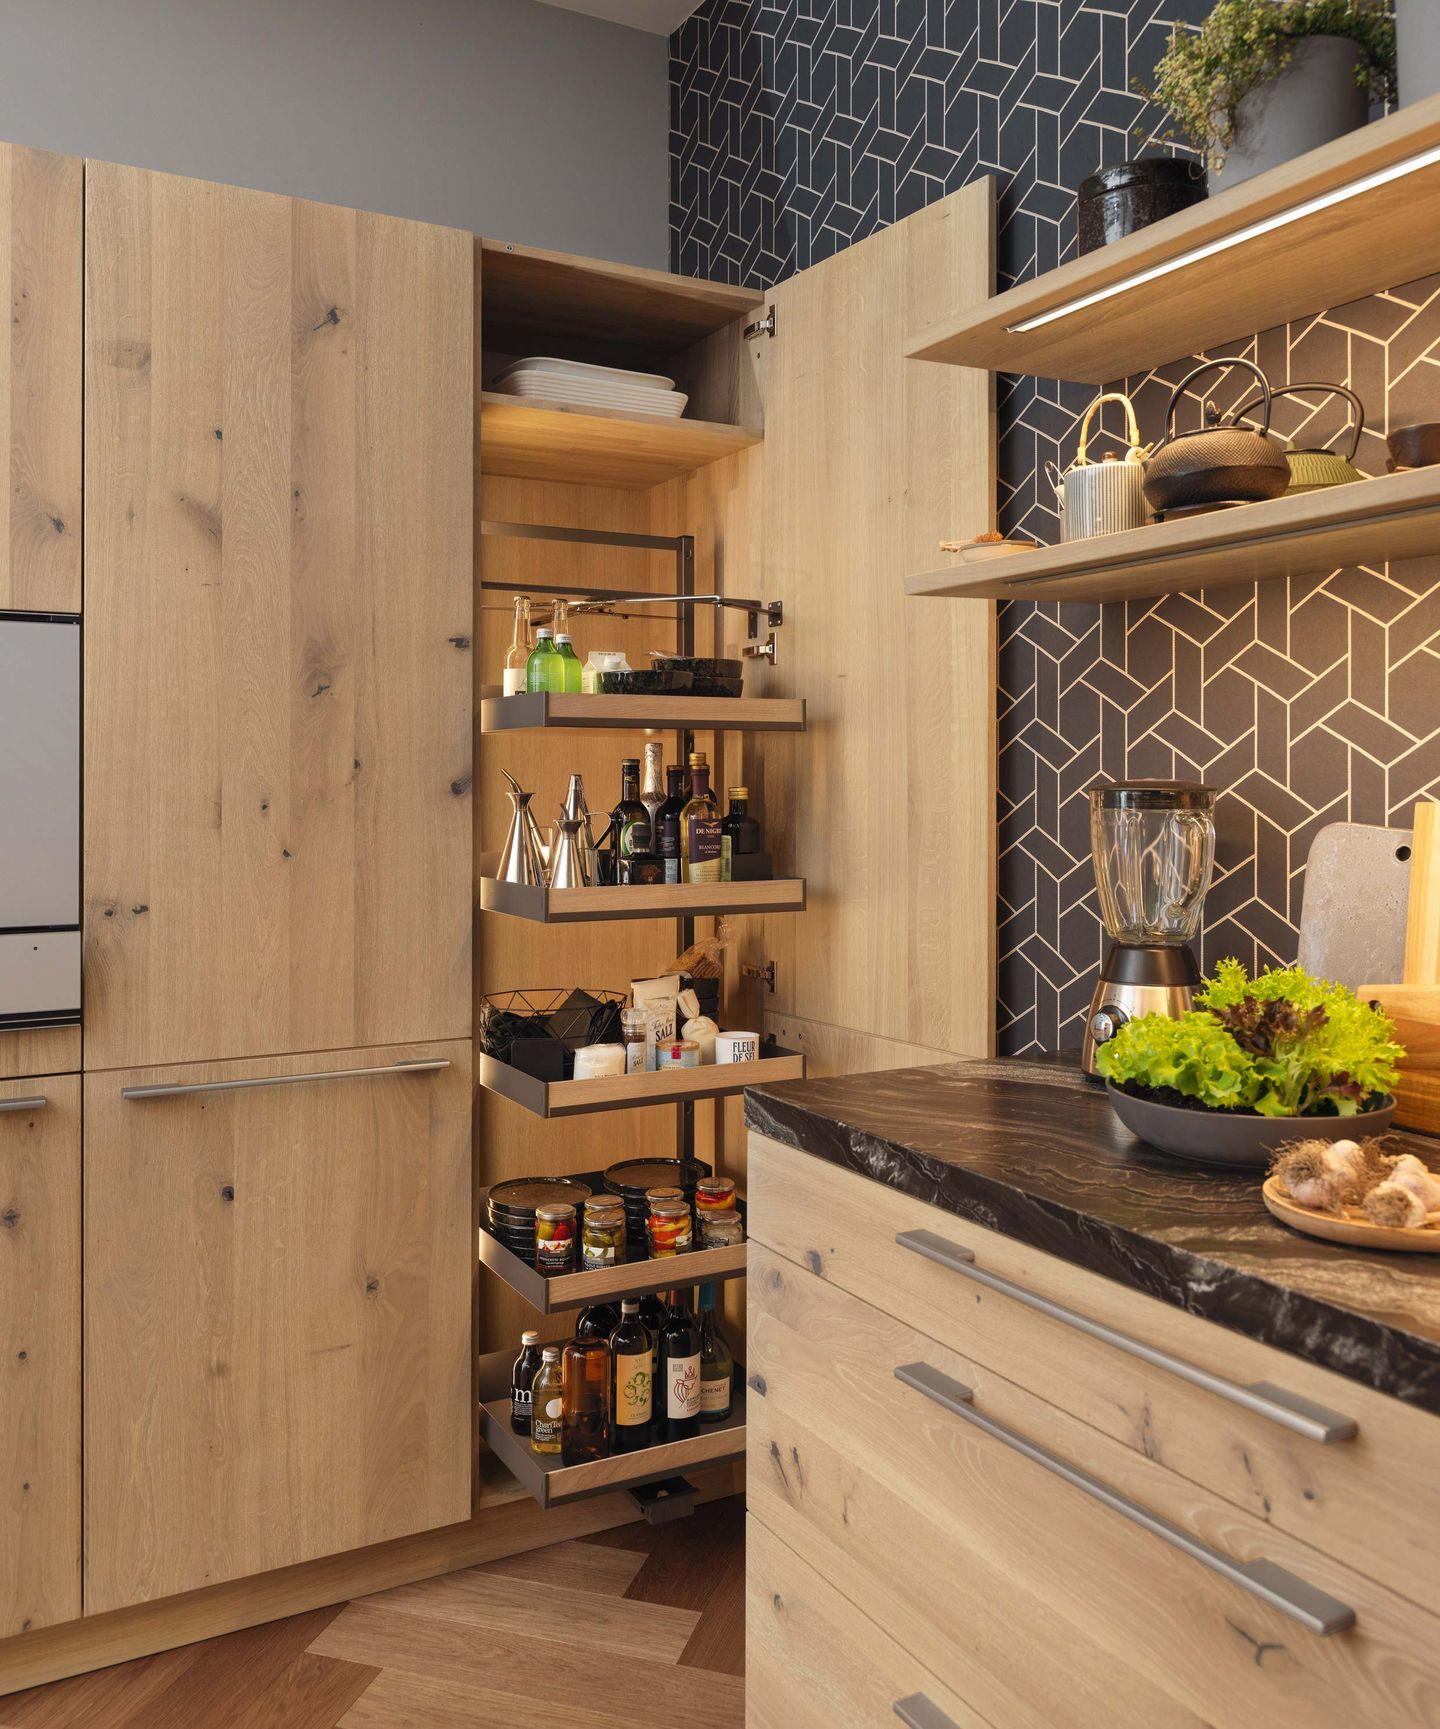 Full Size of Hochschrank Küche Ausziehbar Hochschrank Küche Mikrowelle Hochschrank Küche Günstig Hochschrank Küche Holz Küche Hochschrank Küche